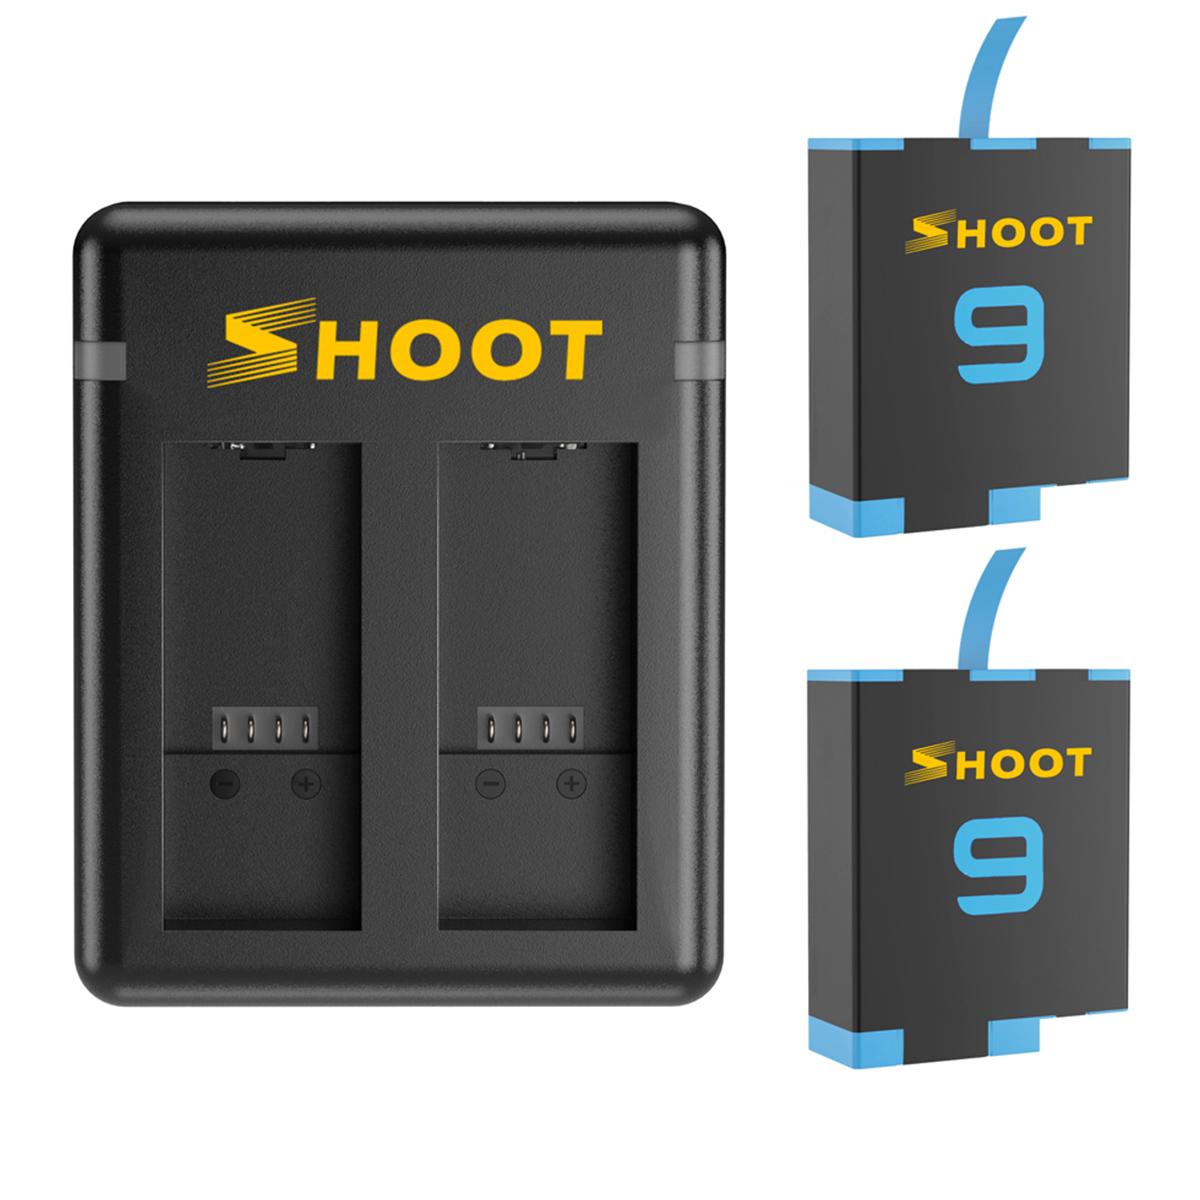 Kit com Carregador Duplo e Duas Baterias para GoPro Hero9 e Hero10 Black